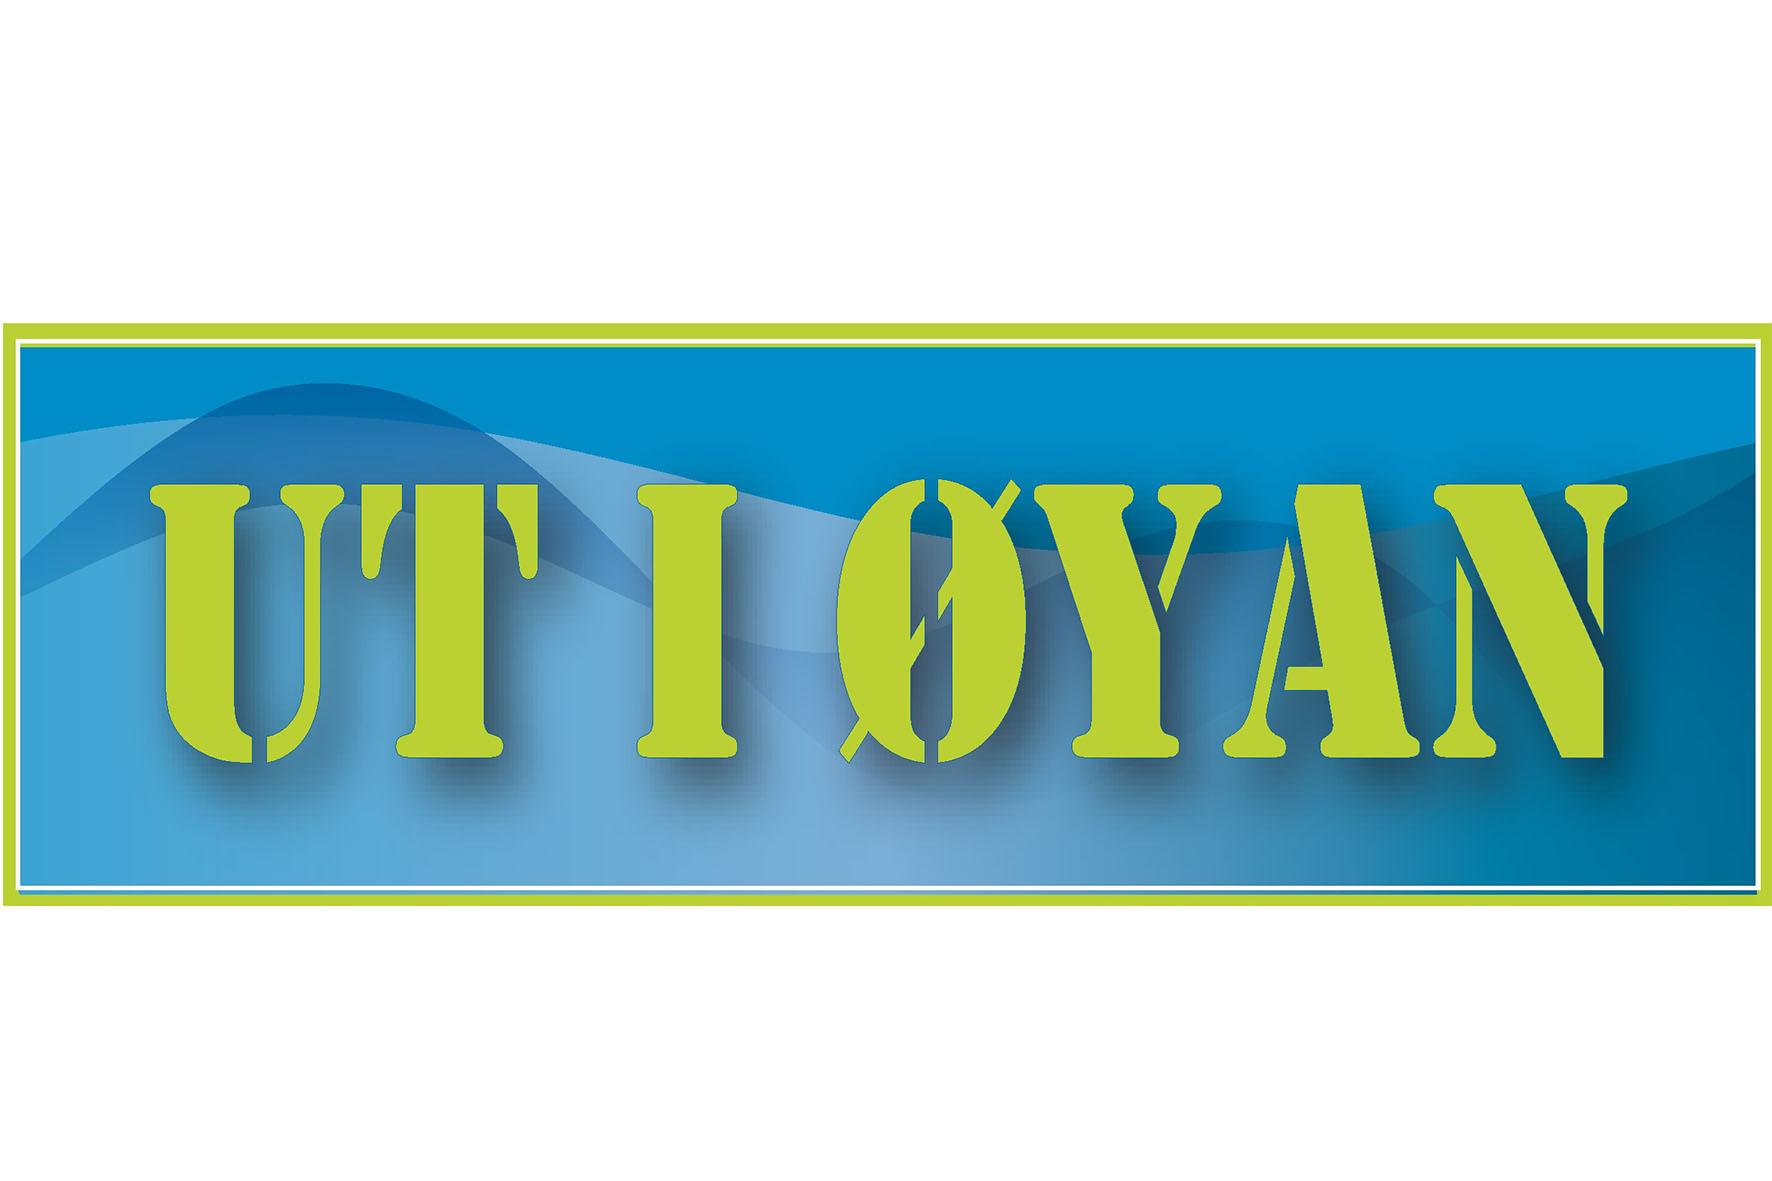 Logo UT I ØYAN JPG